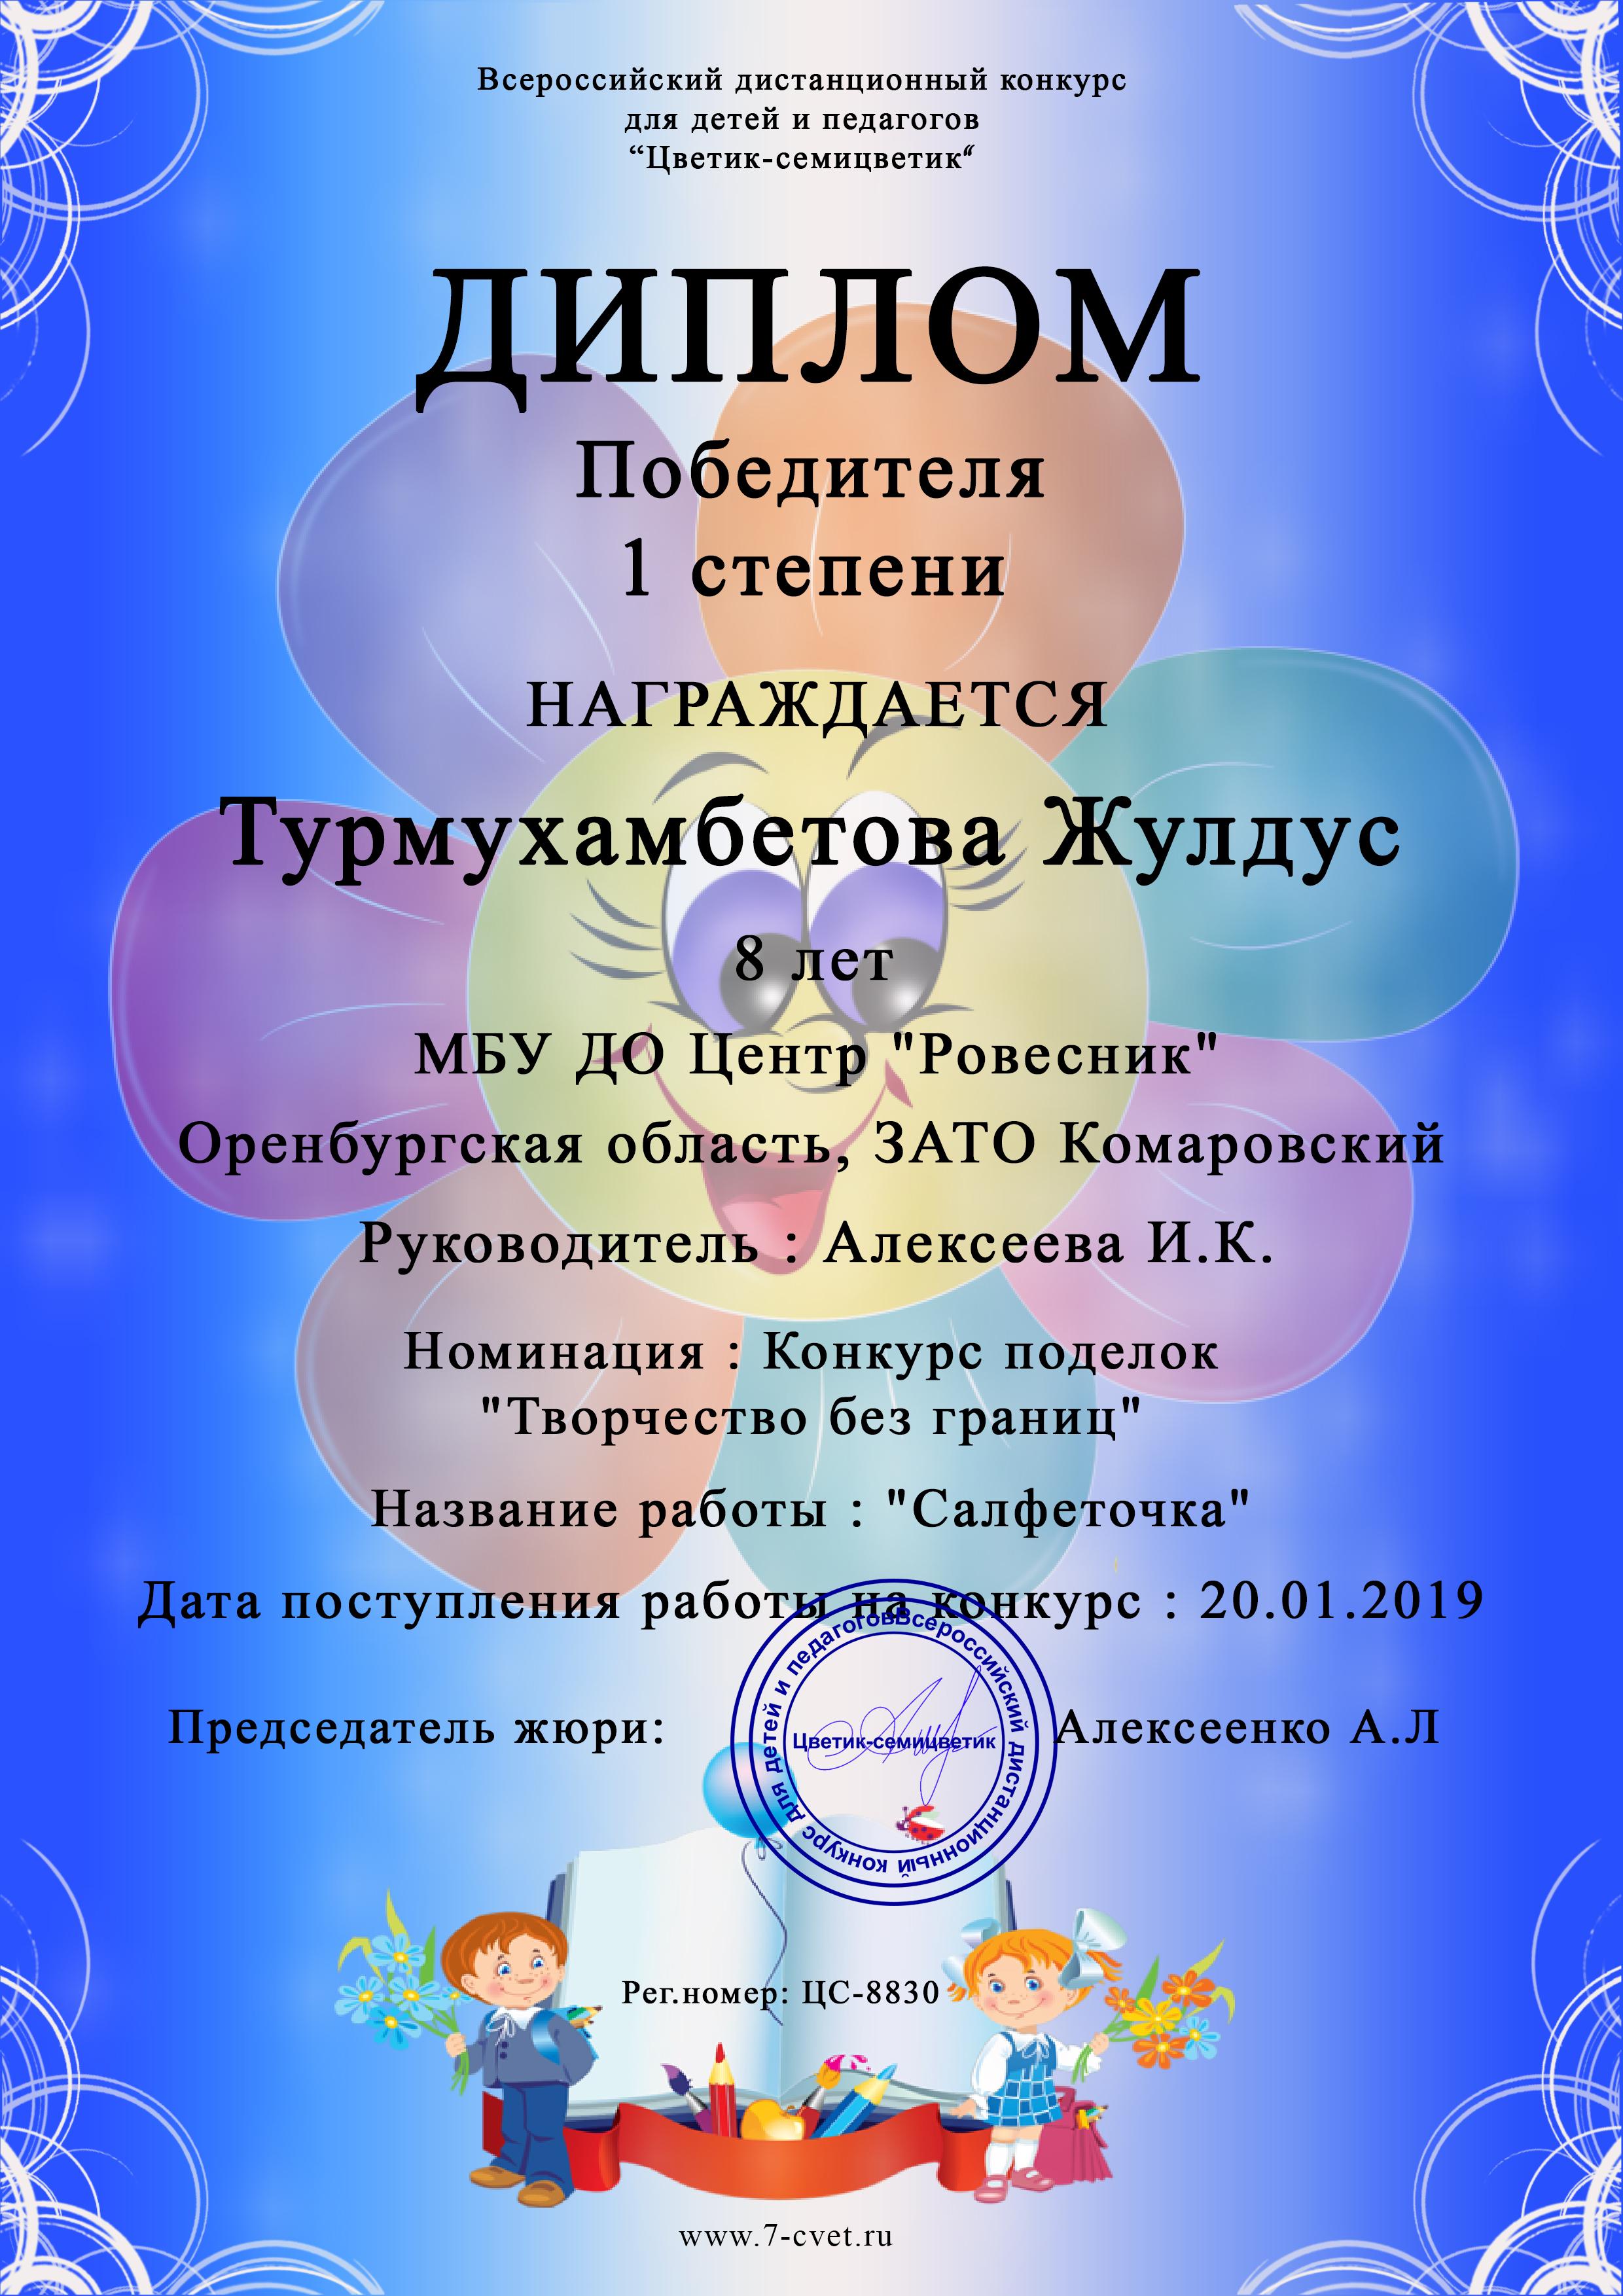 Турмухамбетова Жулдус